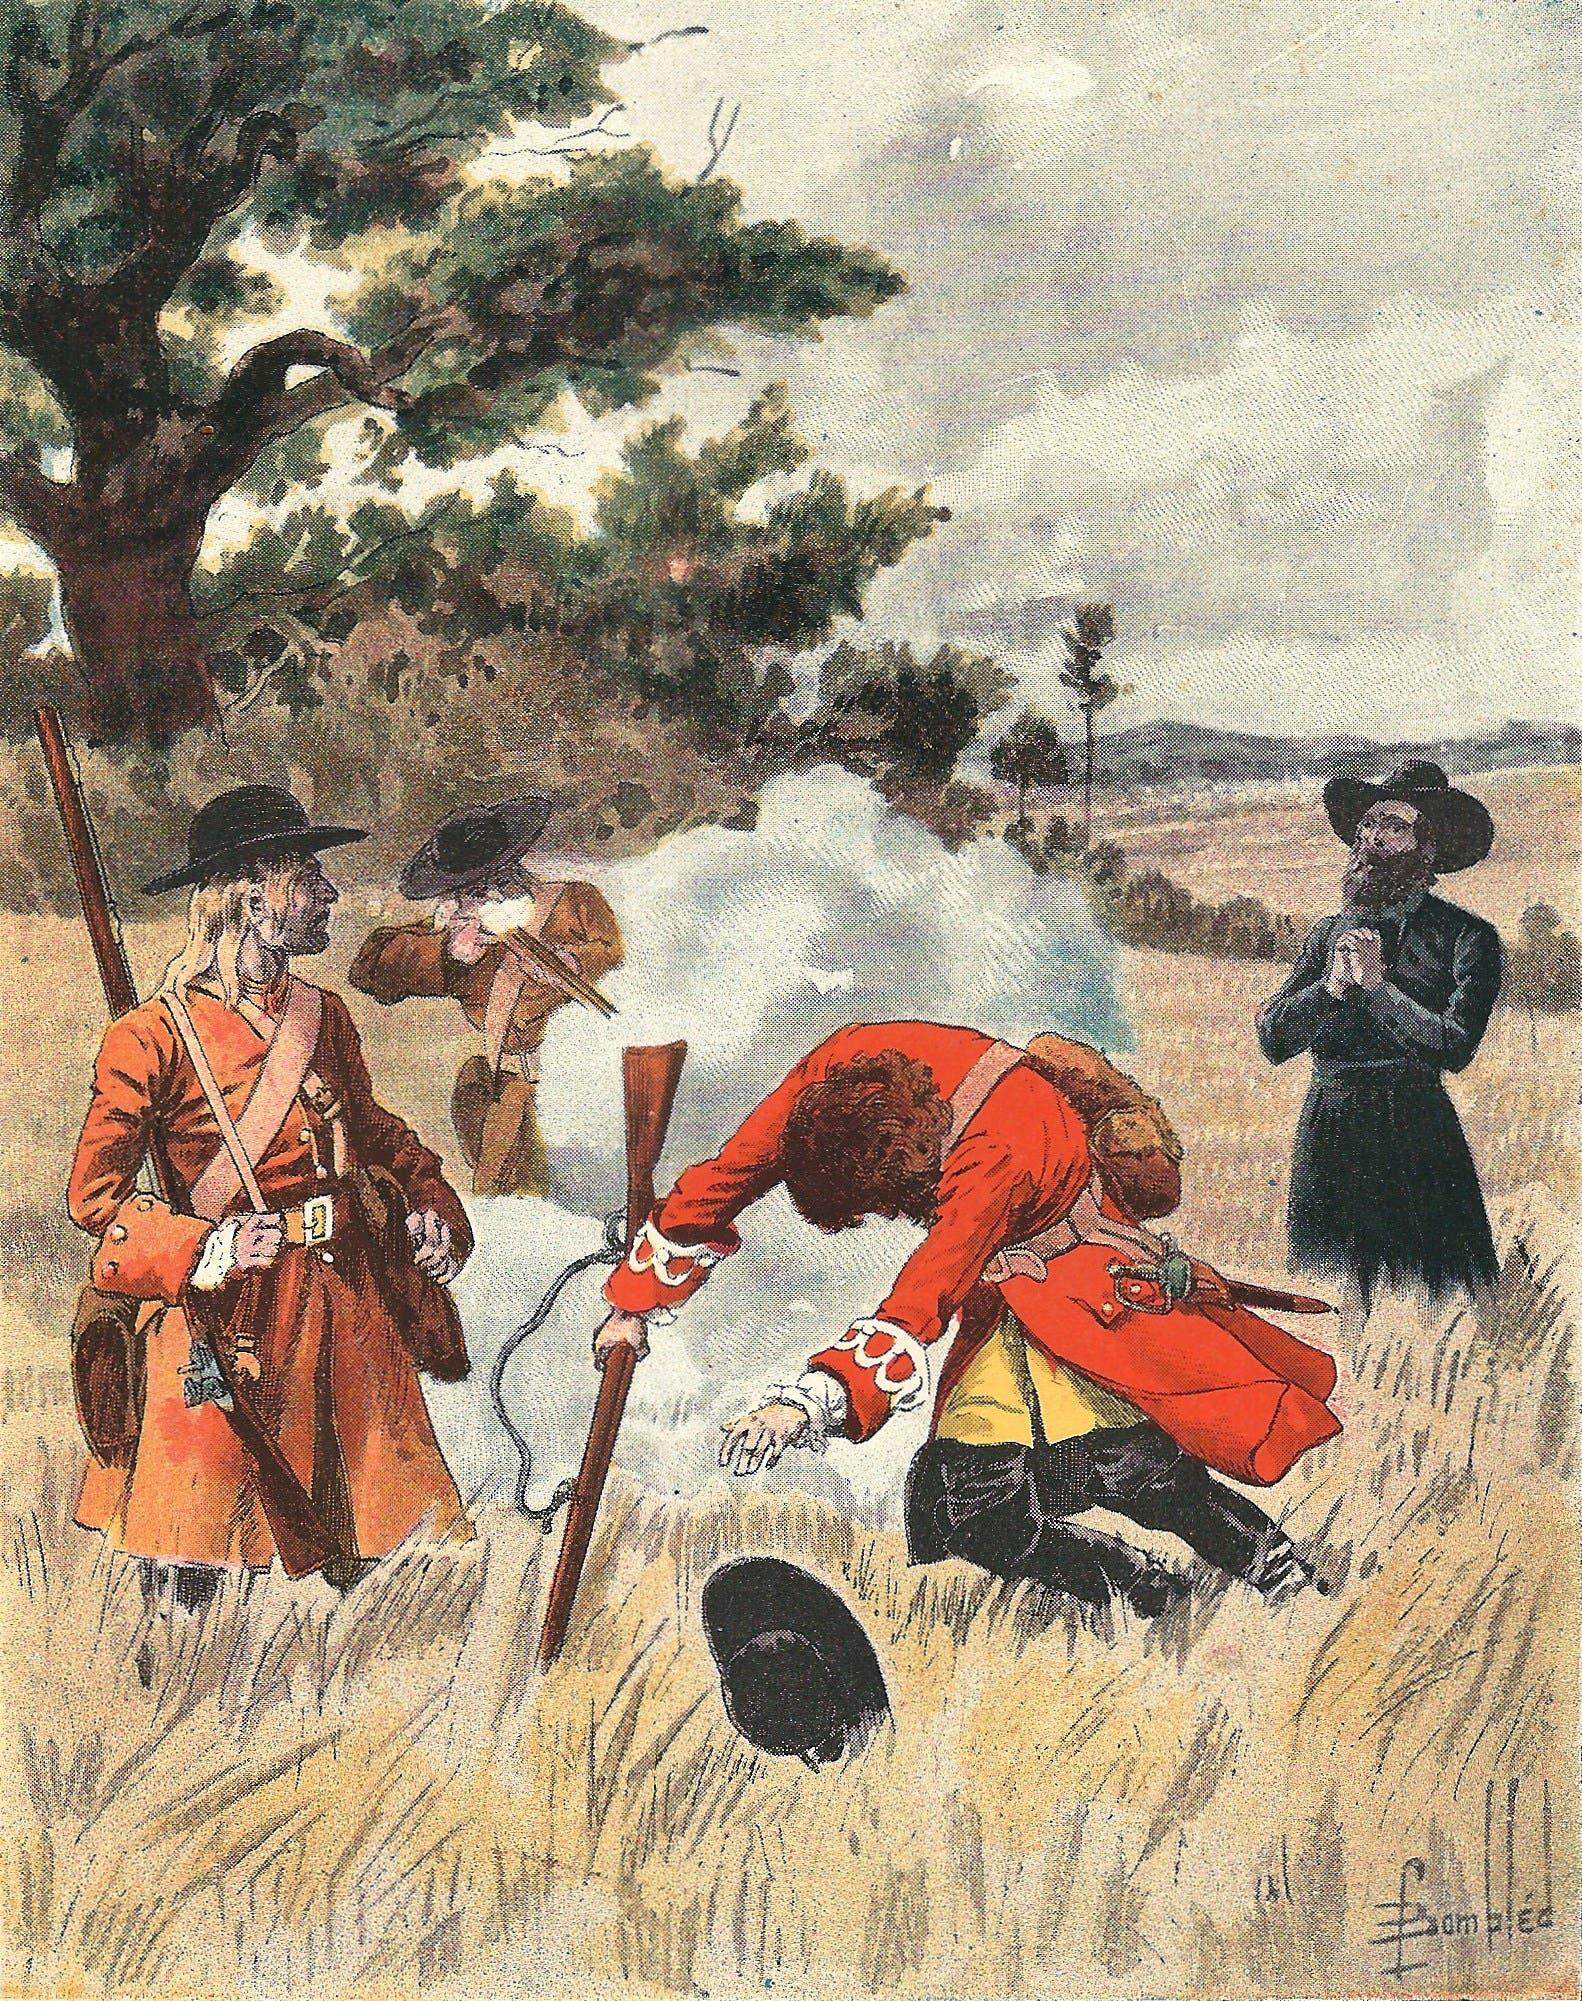 رسم تخيلي لعملية اعتيال دي لا سال